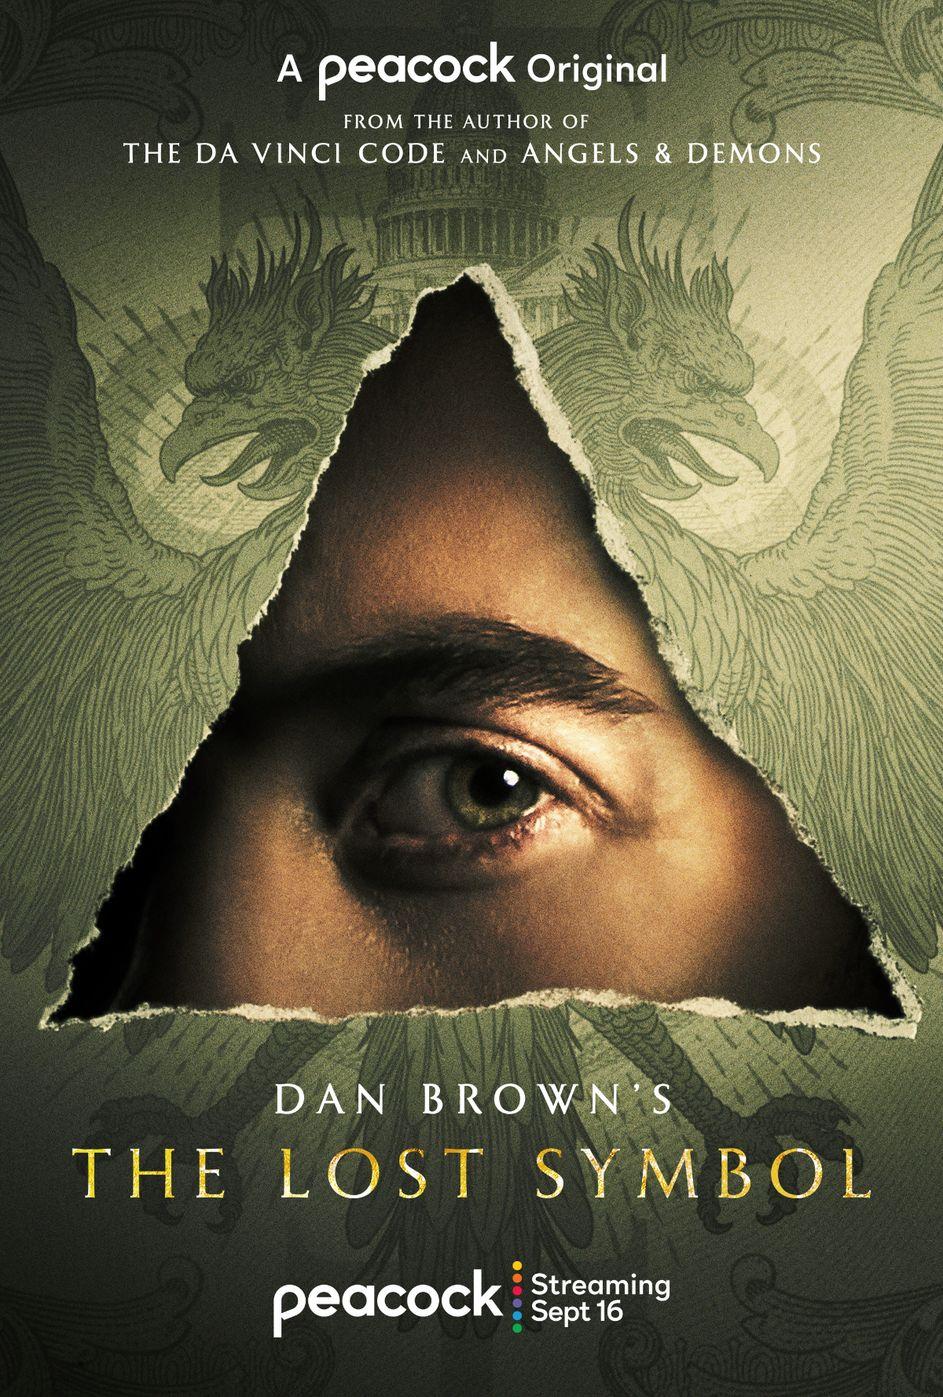 dan-brown-the-lost-symbol-poster.jpg?q=5